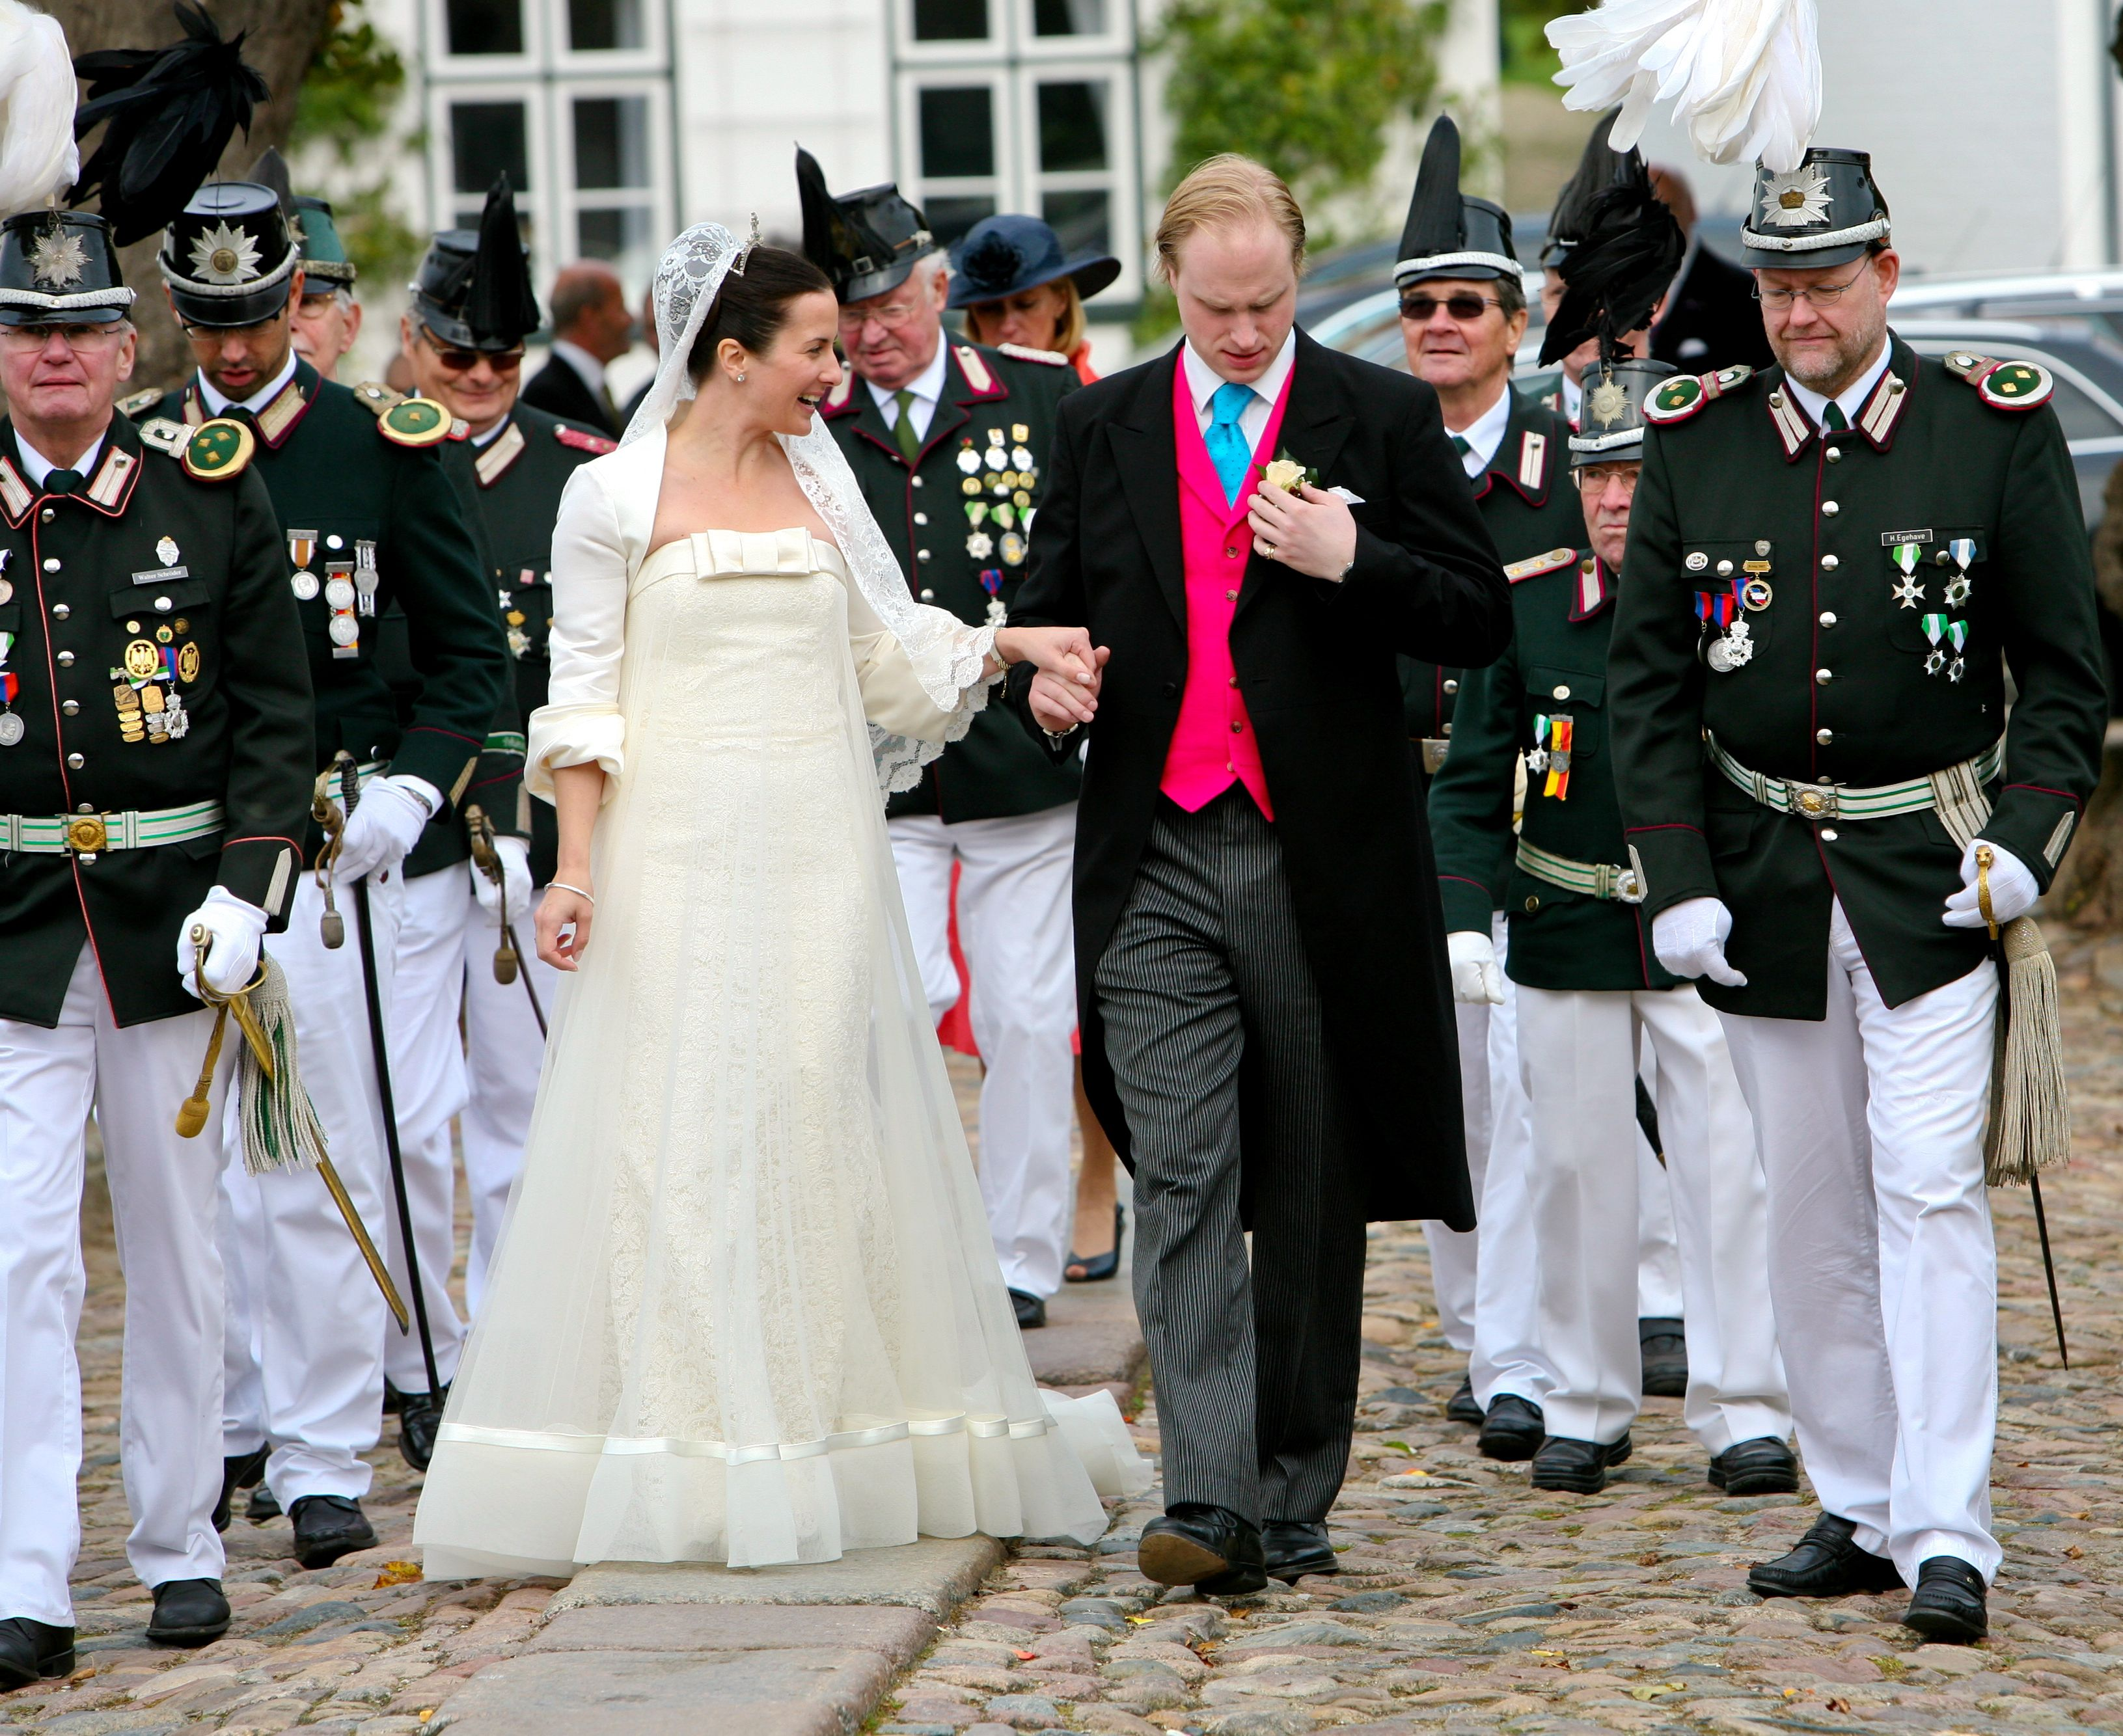 Royal wedding of Princess Chantal & Prince Ludwig zu Ysenburg and